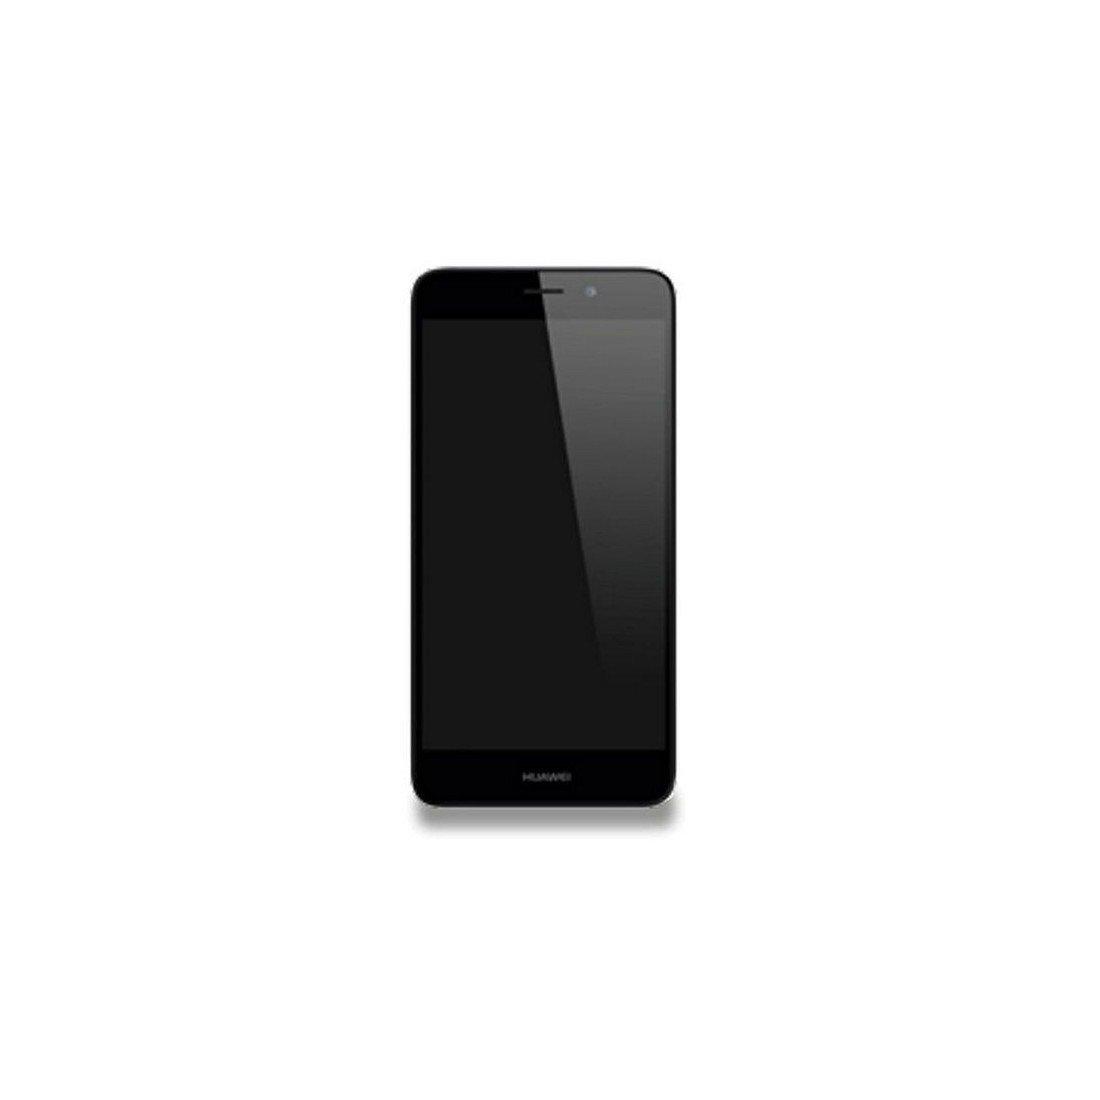 Huawei GT Smartphone de  RAM de GB memoria interna de GB